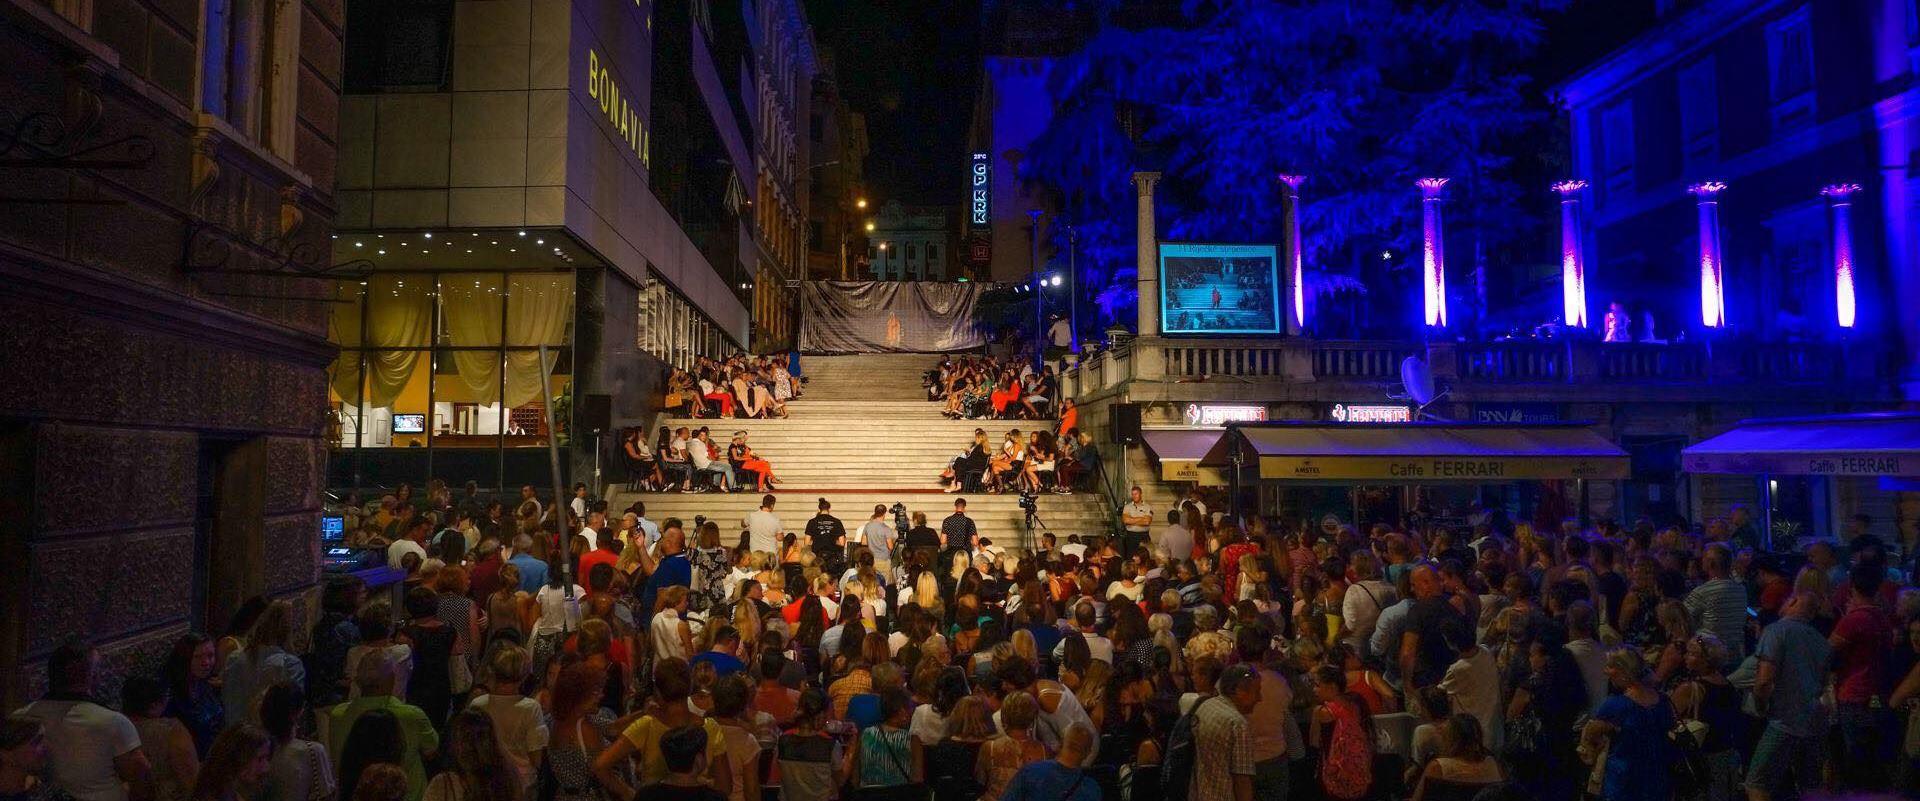 FOTO: Održano dvanaesto izdanje modnog događanja Riječke stepenice